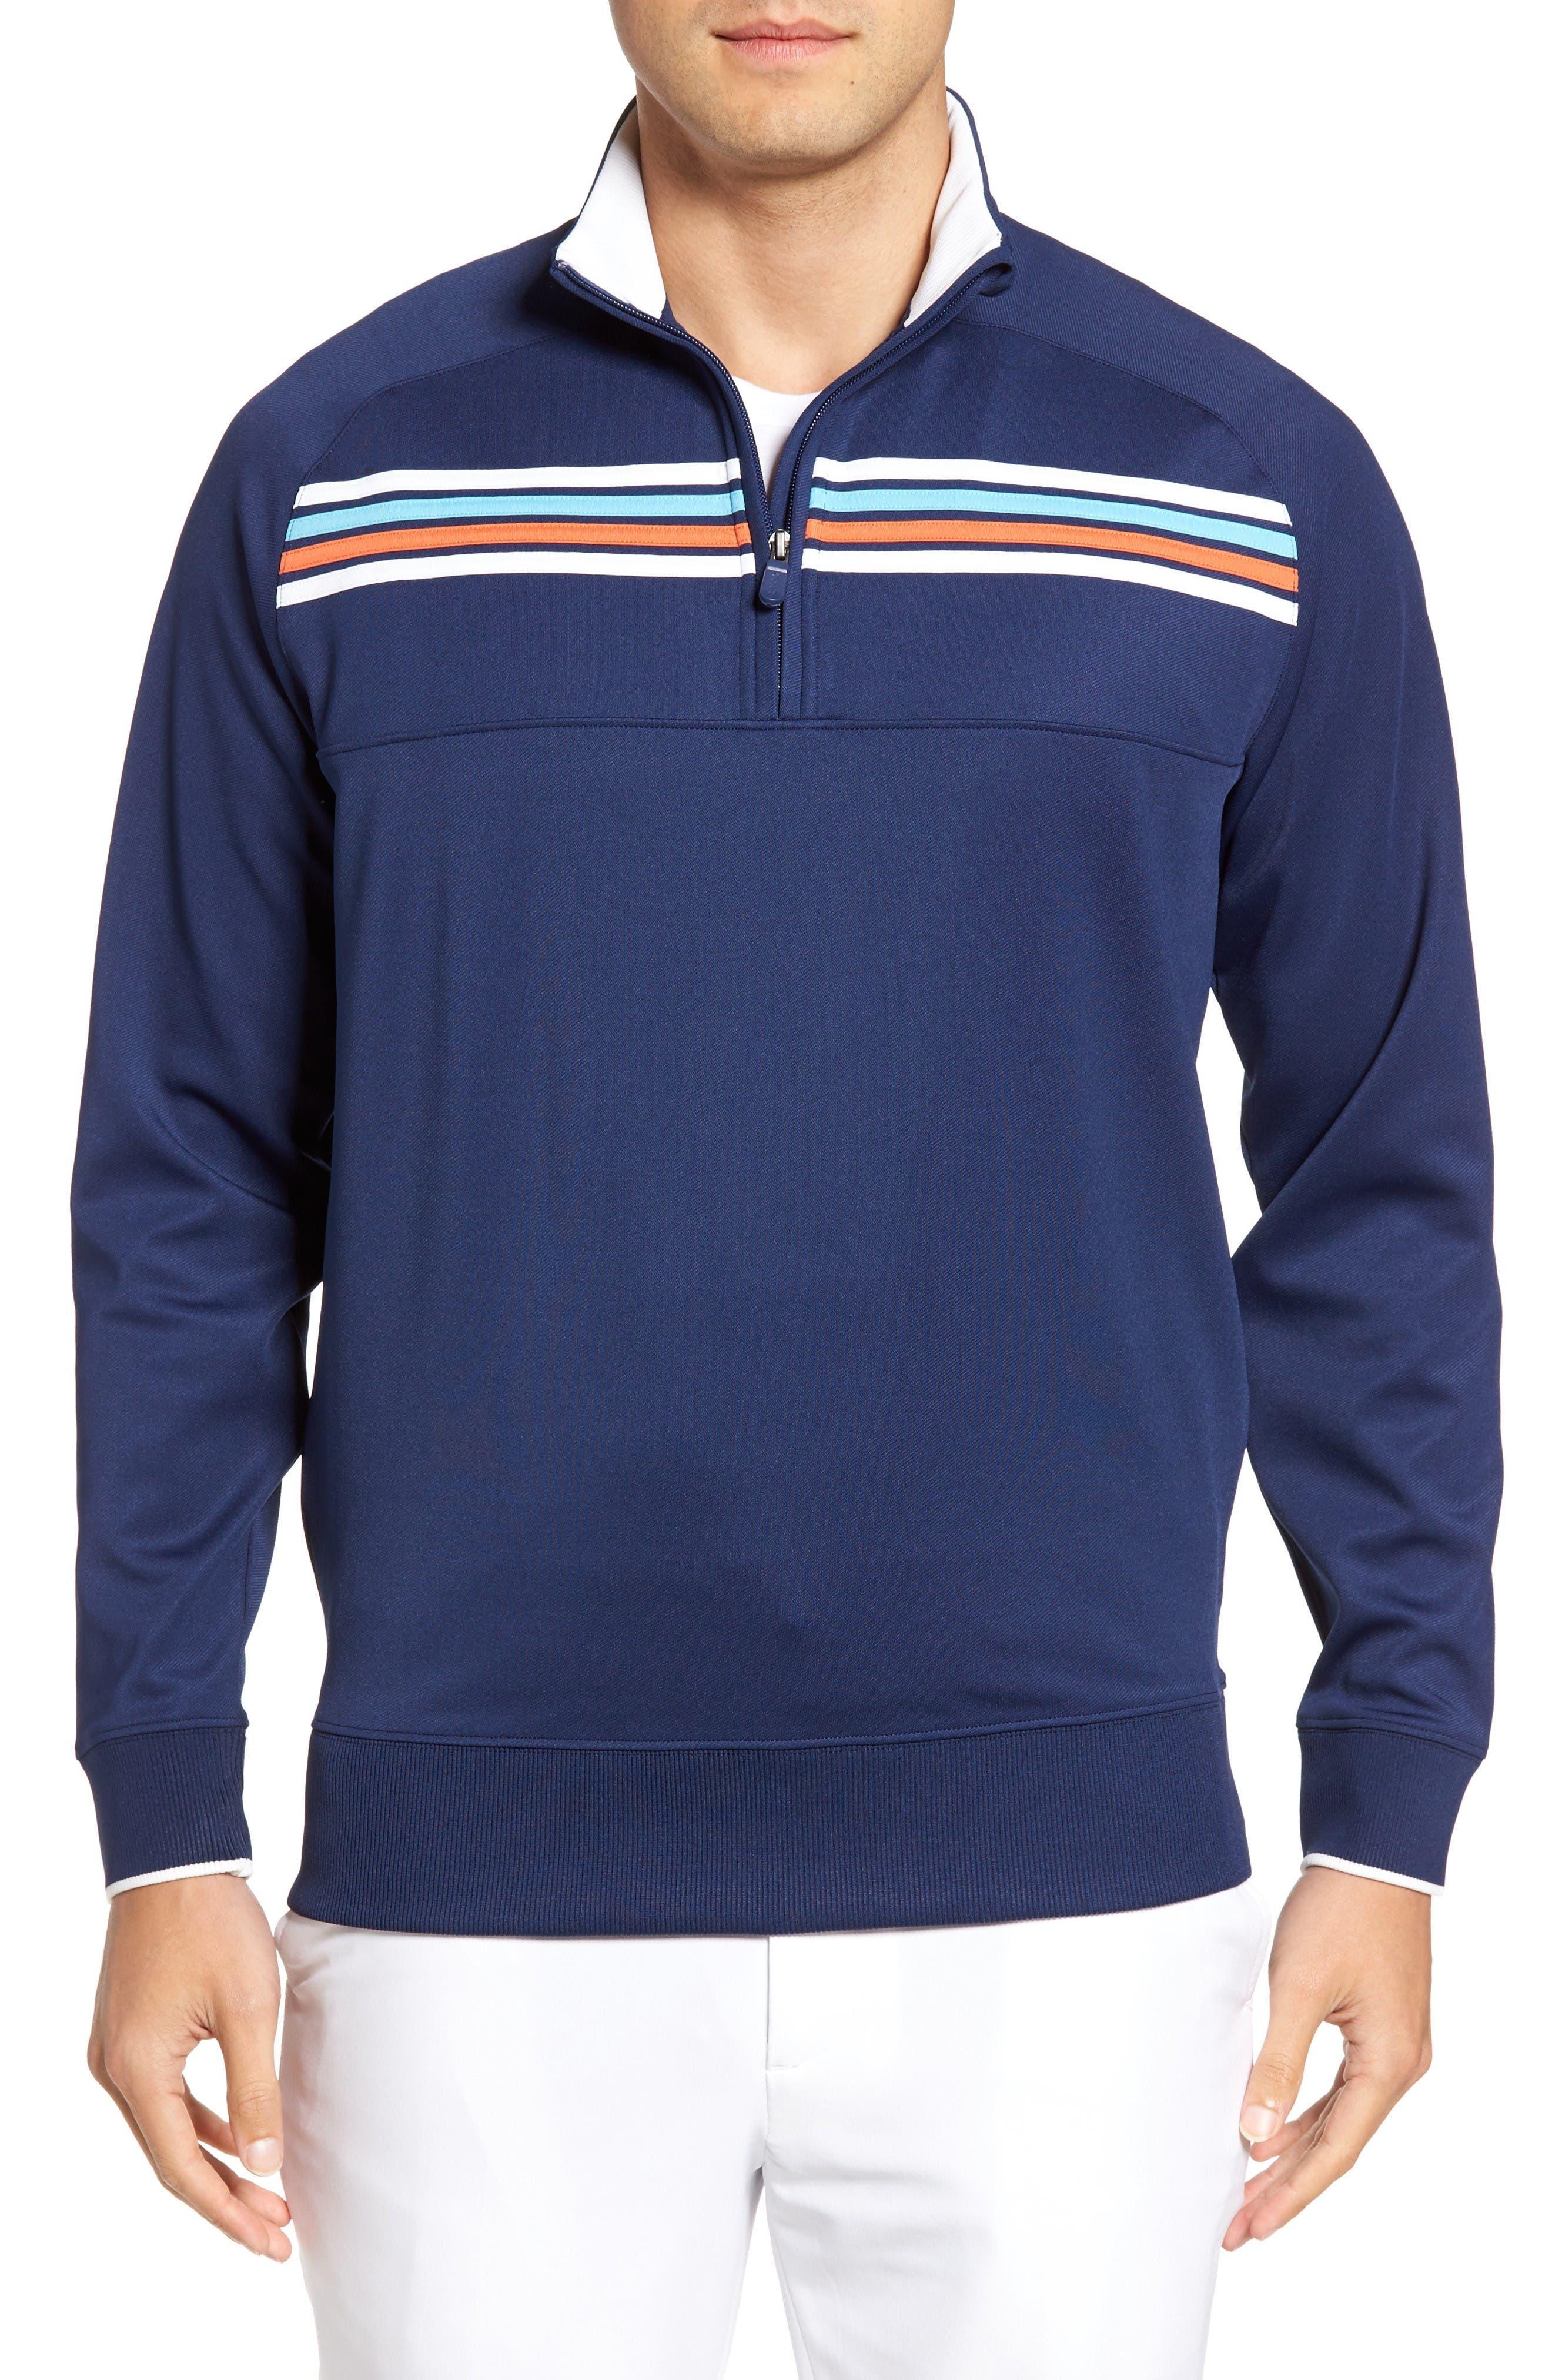 BOBBY JONES XH20 Chest Stripe Quarter Zip Pullover